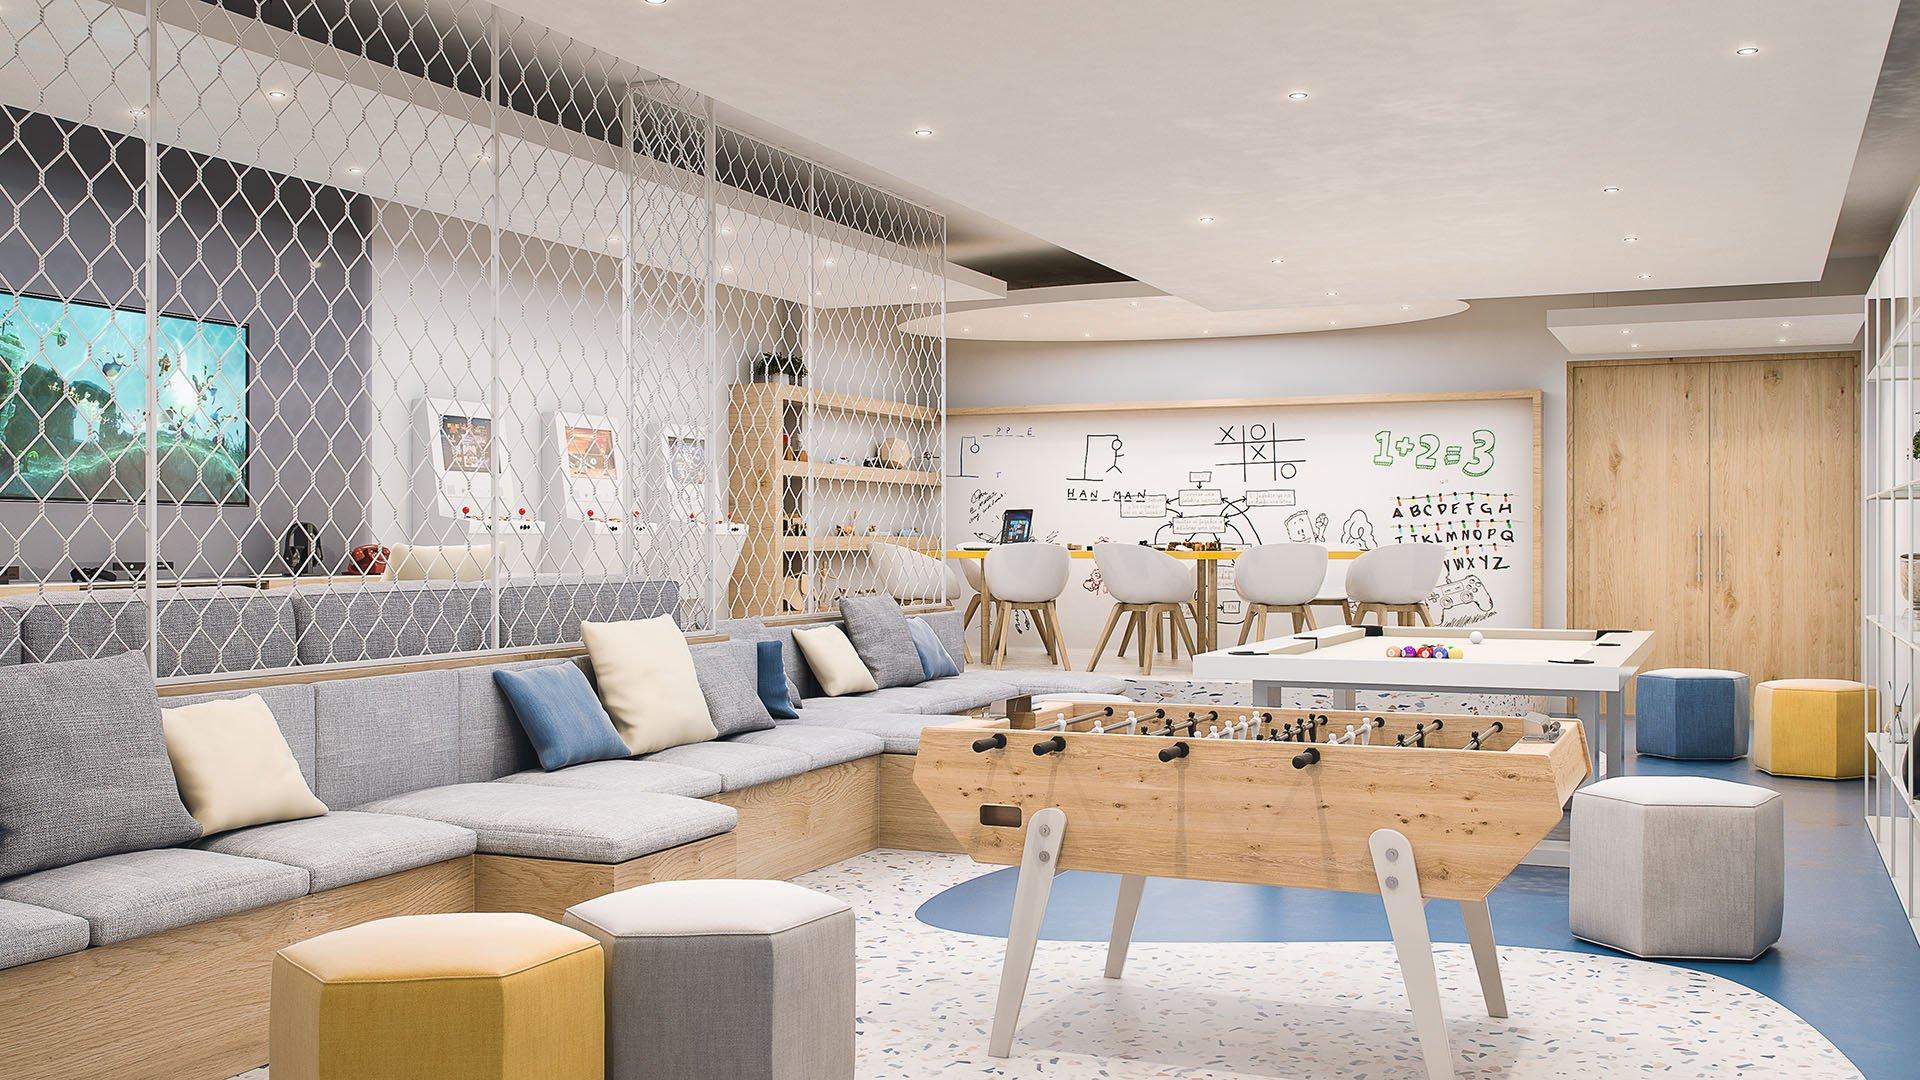 Vanian Gardens: Hedendaagse appartementen op de New Gold Mile